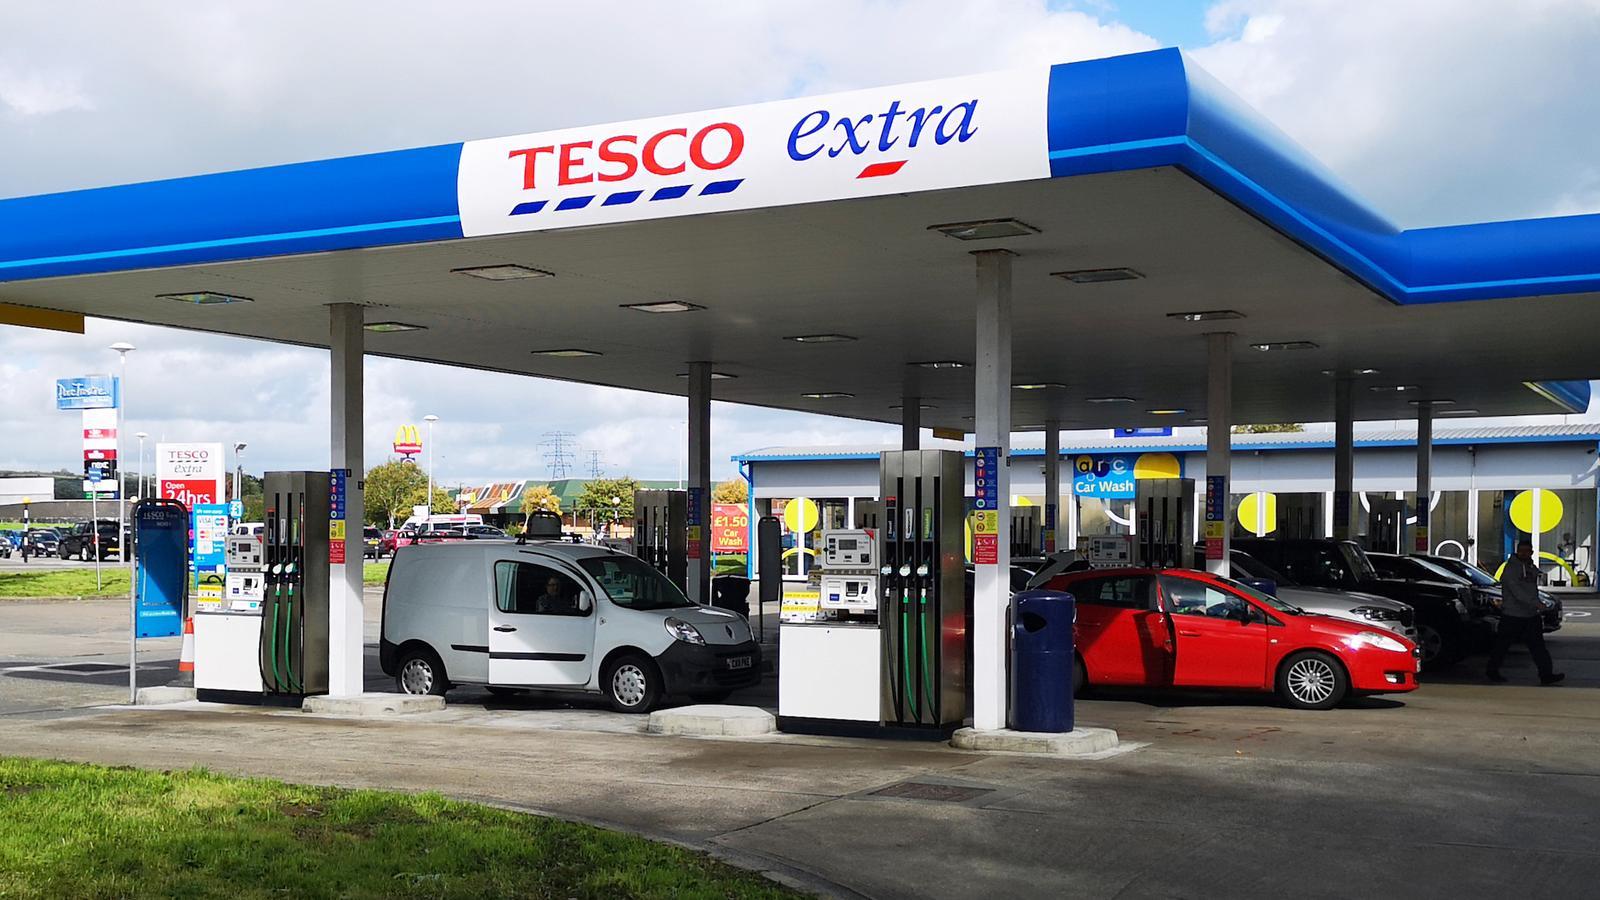 Panika na stacjach paliw w Wielkiej Brytanii. Czy rząd wyśle wojsko?